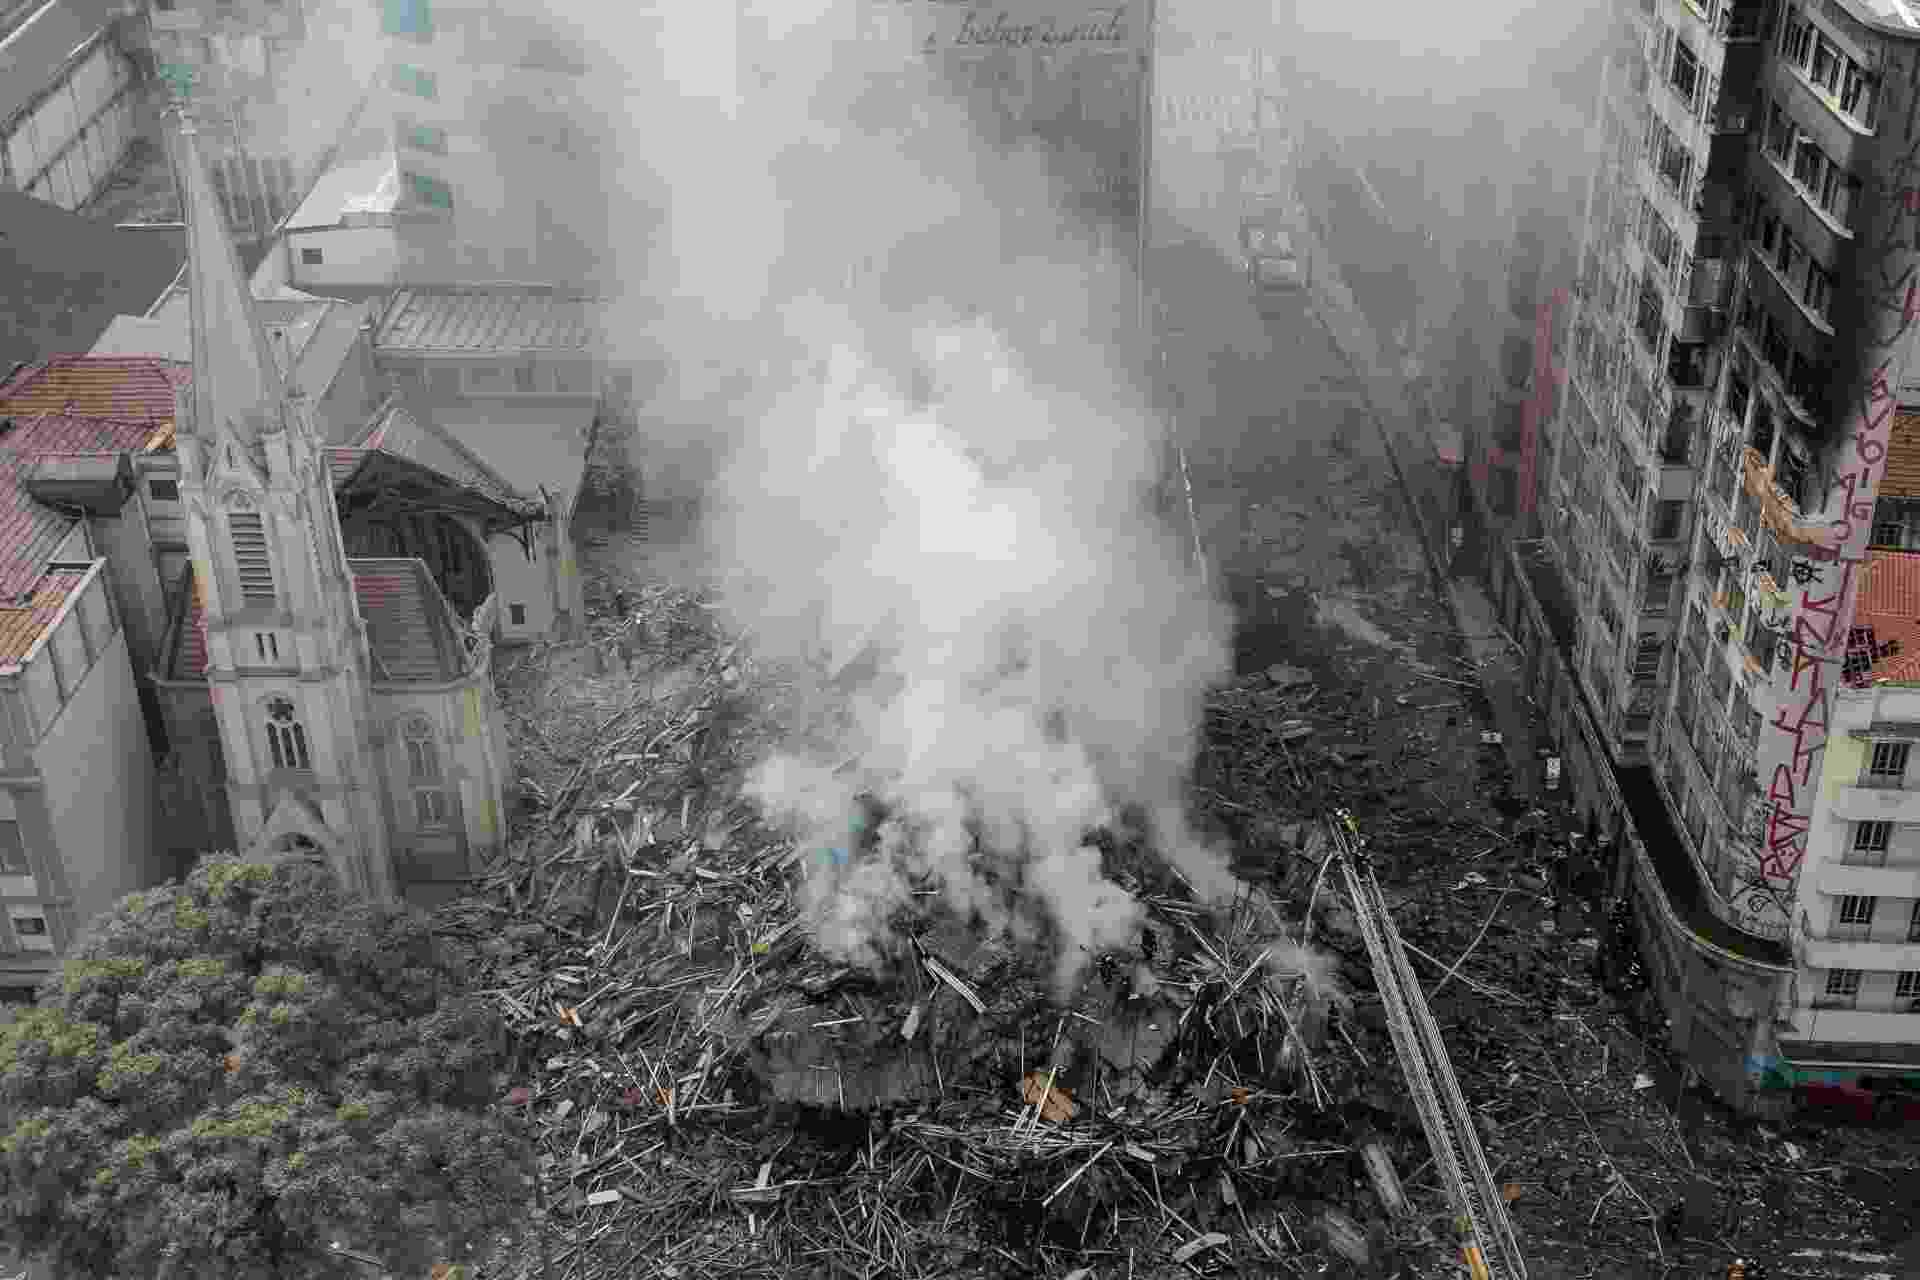 1º.mai.2018 - Foto aérea mostra o raio de destruição provocado pelo desabamento do prédio de 24 andares que pegou fogo no centro de SP - Newton Menezes/Futura Press/Estadão Conteúdo